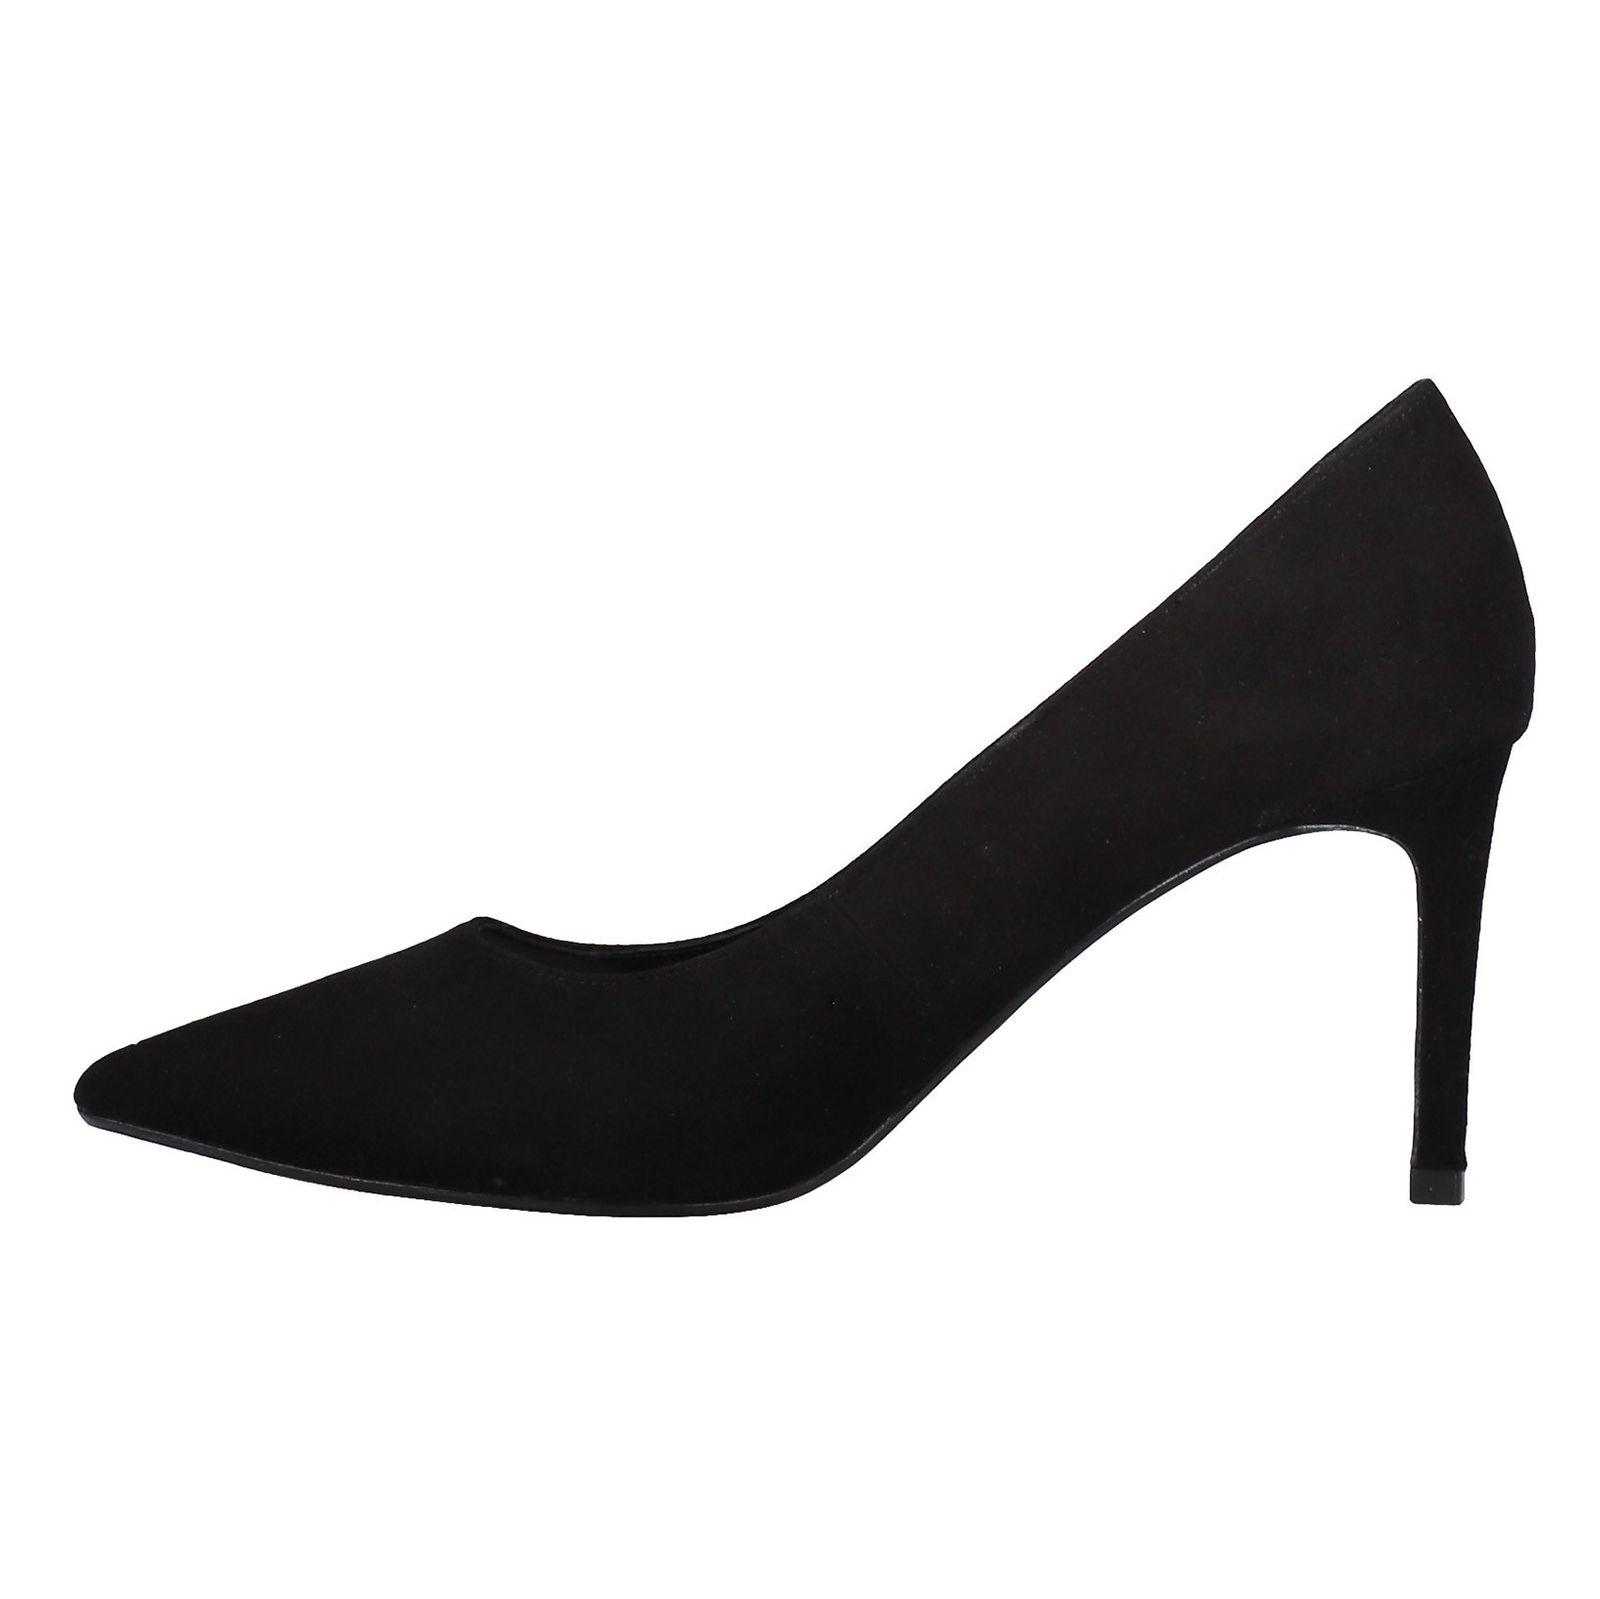 کفش پاشنه بلند جیر زنانه - دون لندن - مشکي - 3